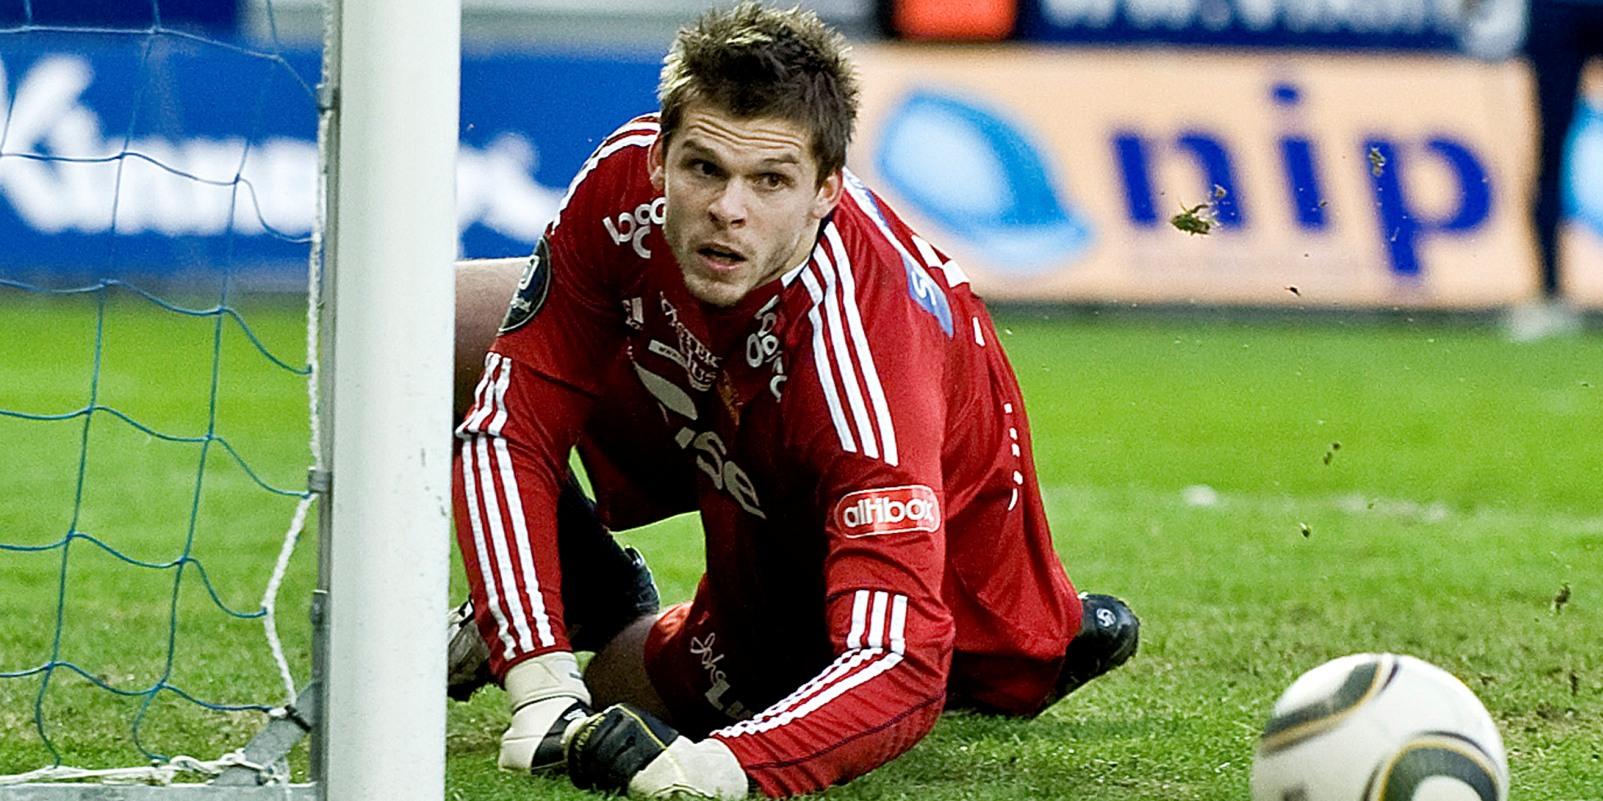 Luhukay haalt Noorse nationale goalie naar Berlijn